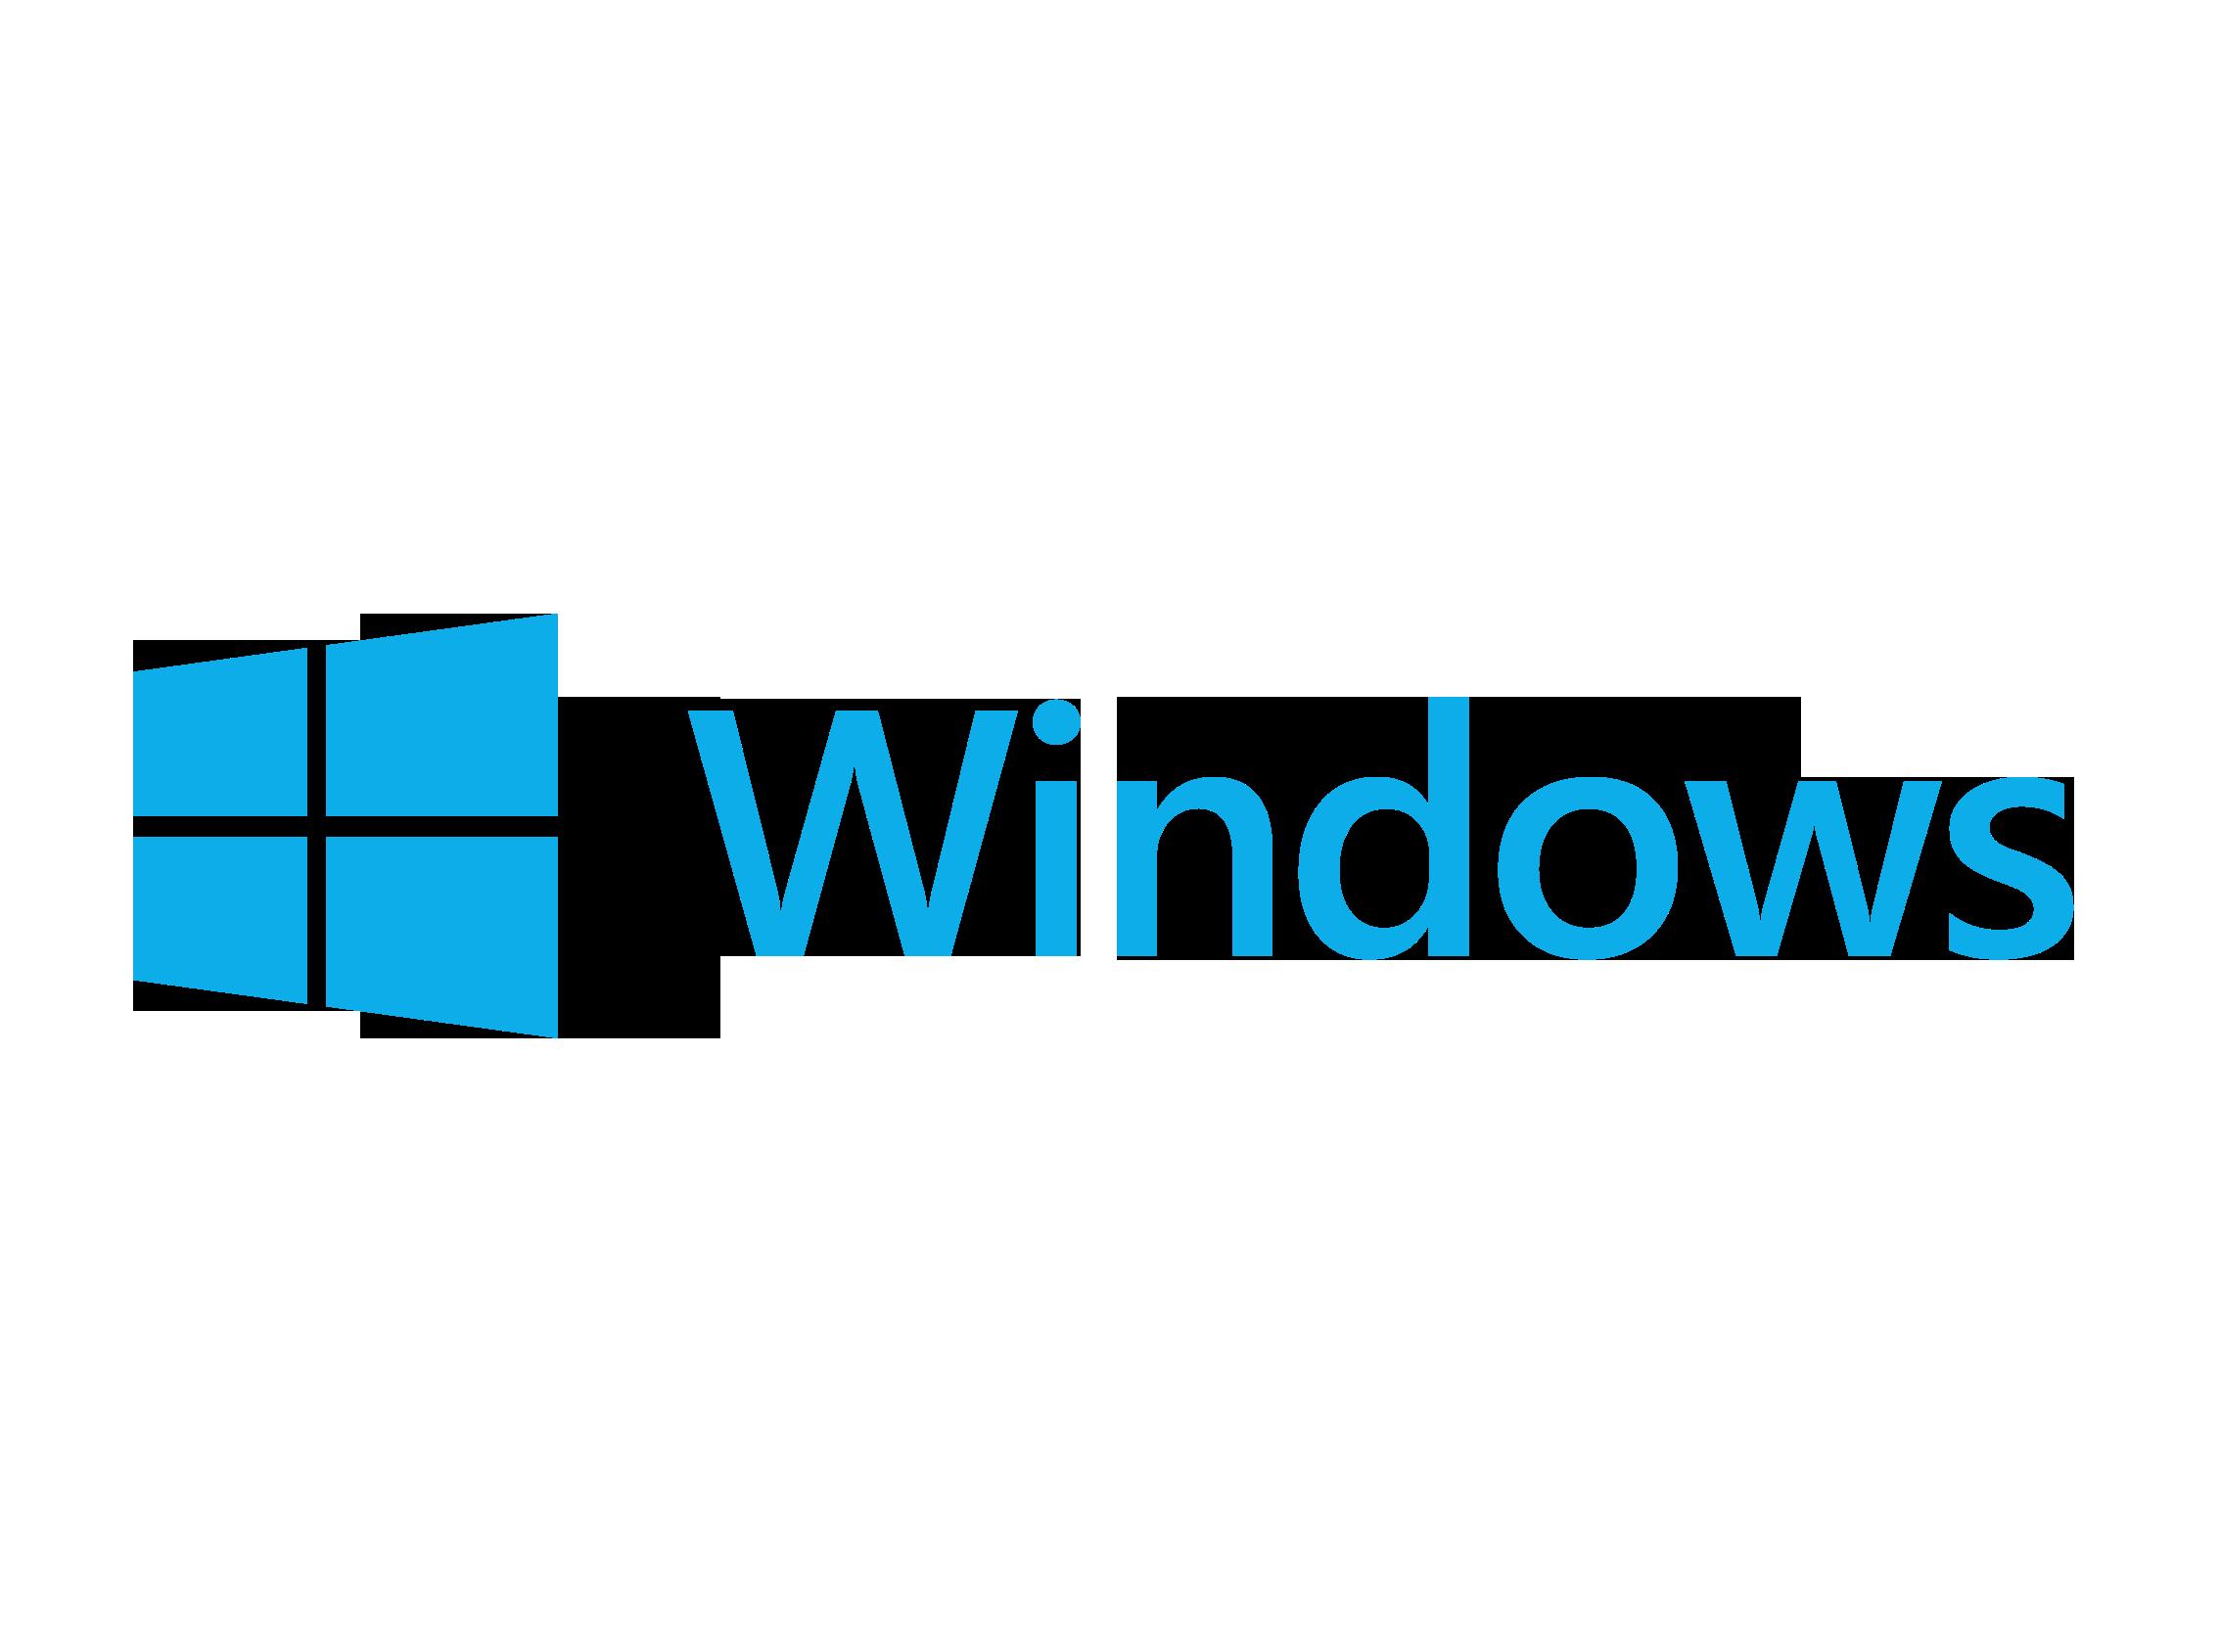 Windows logo png. Logok